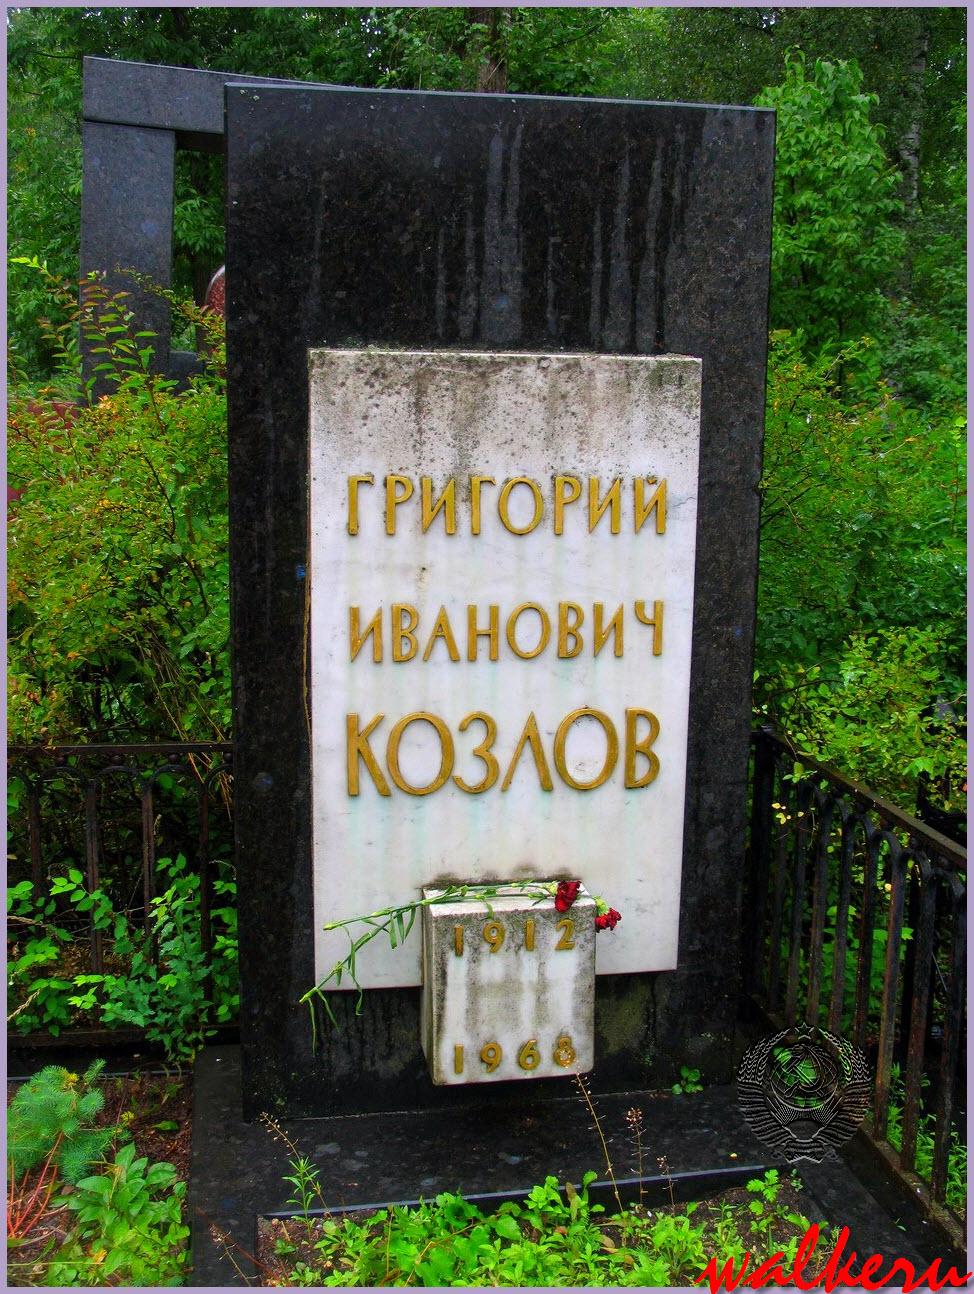 Могила Козлова Г.И. на Богословском кладбище